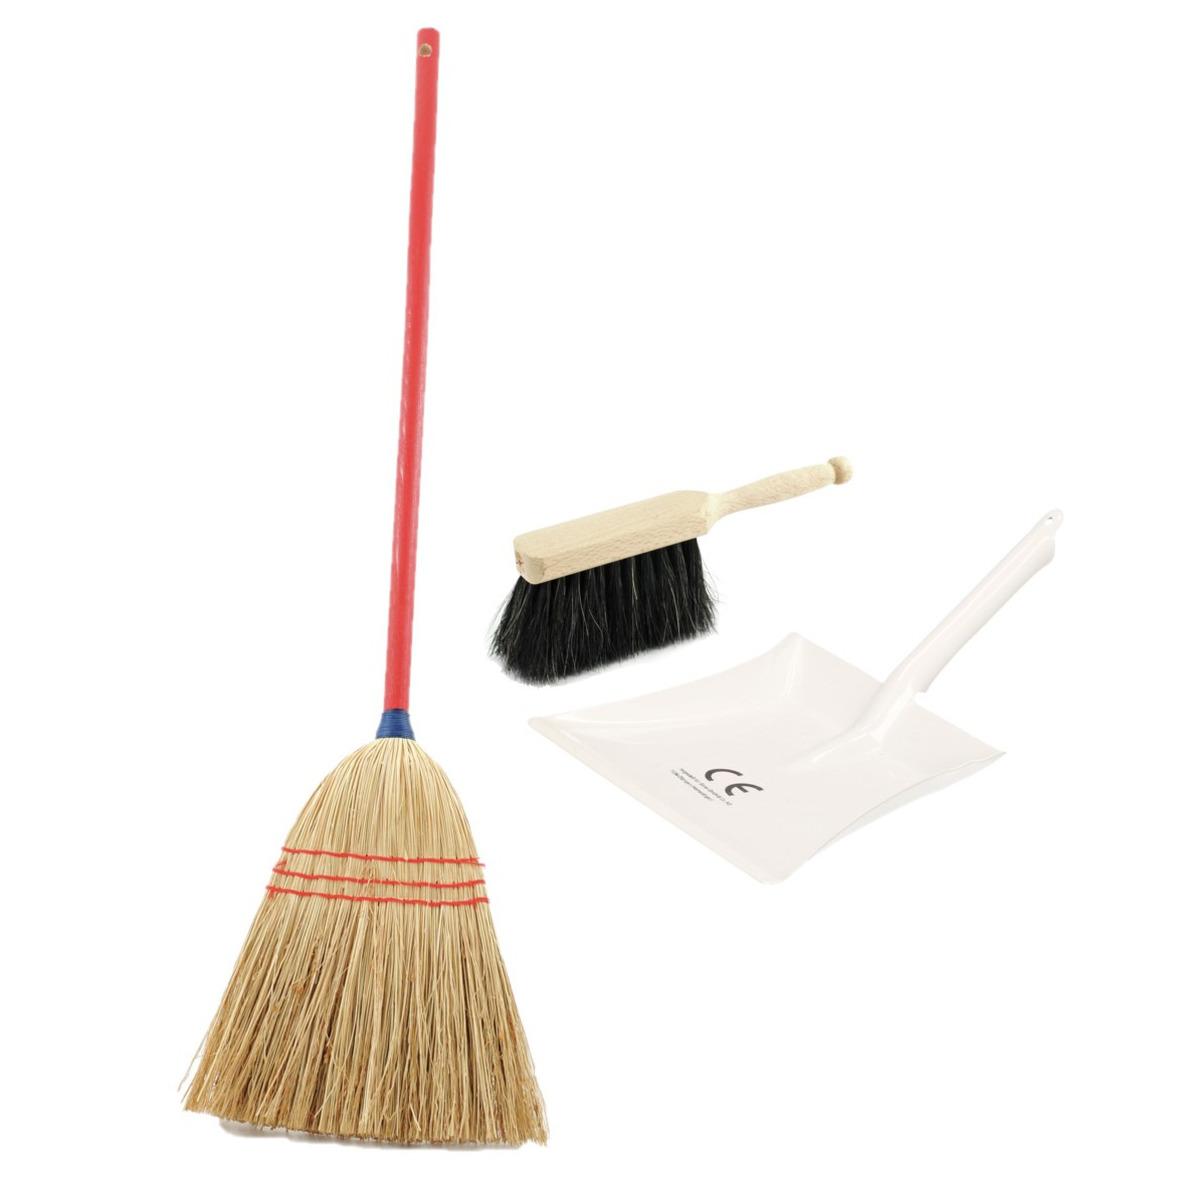 Kinder schoonmaak set 3-delig wit -